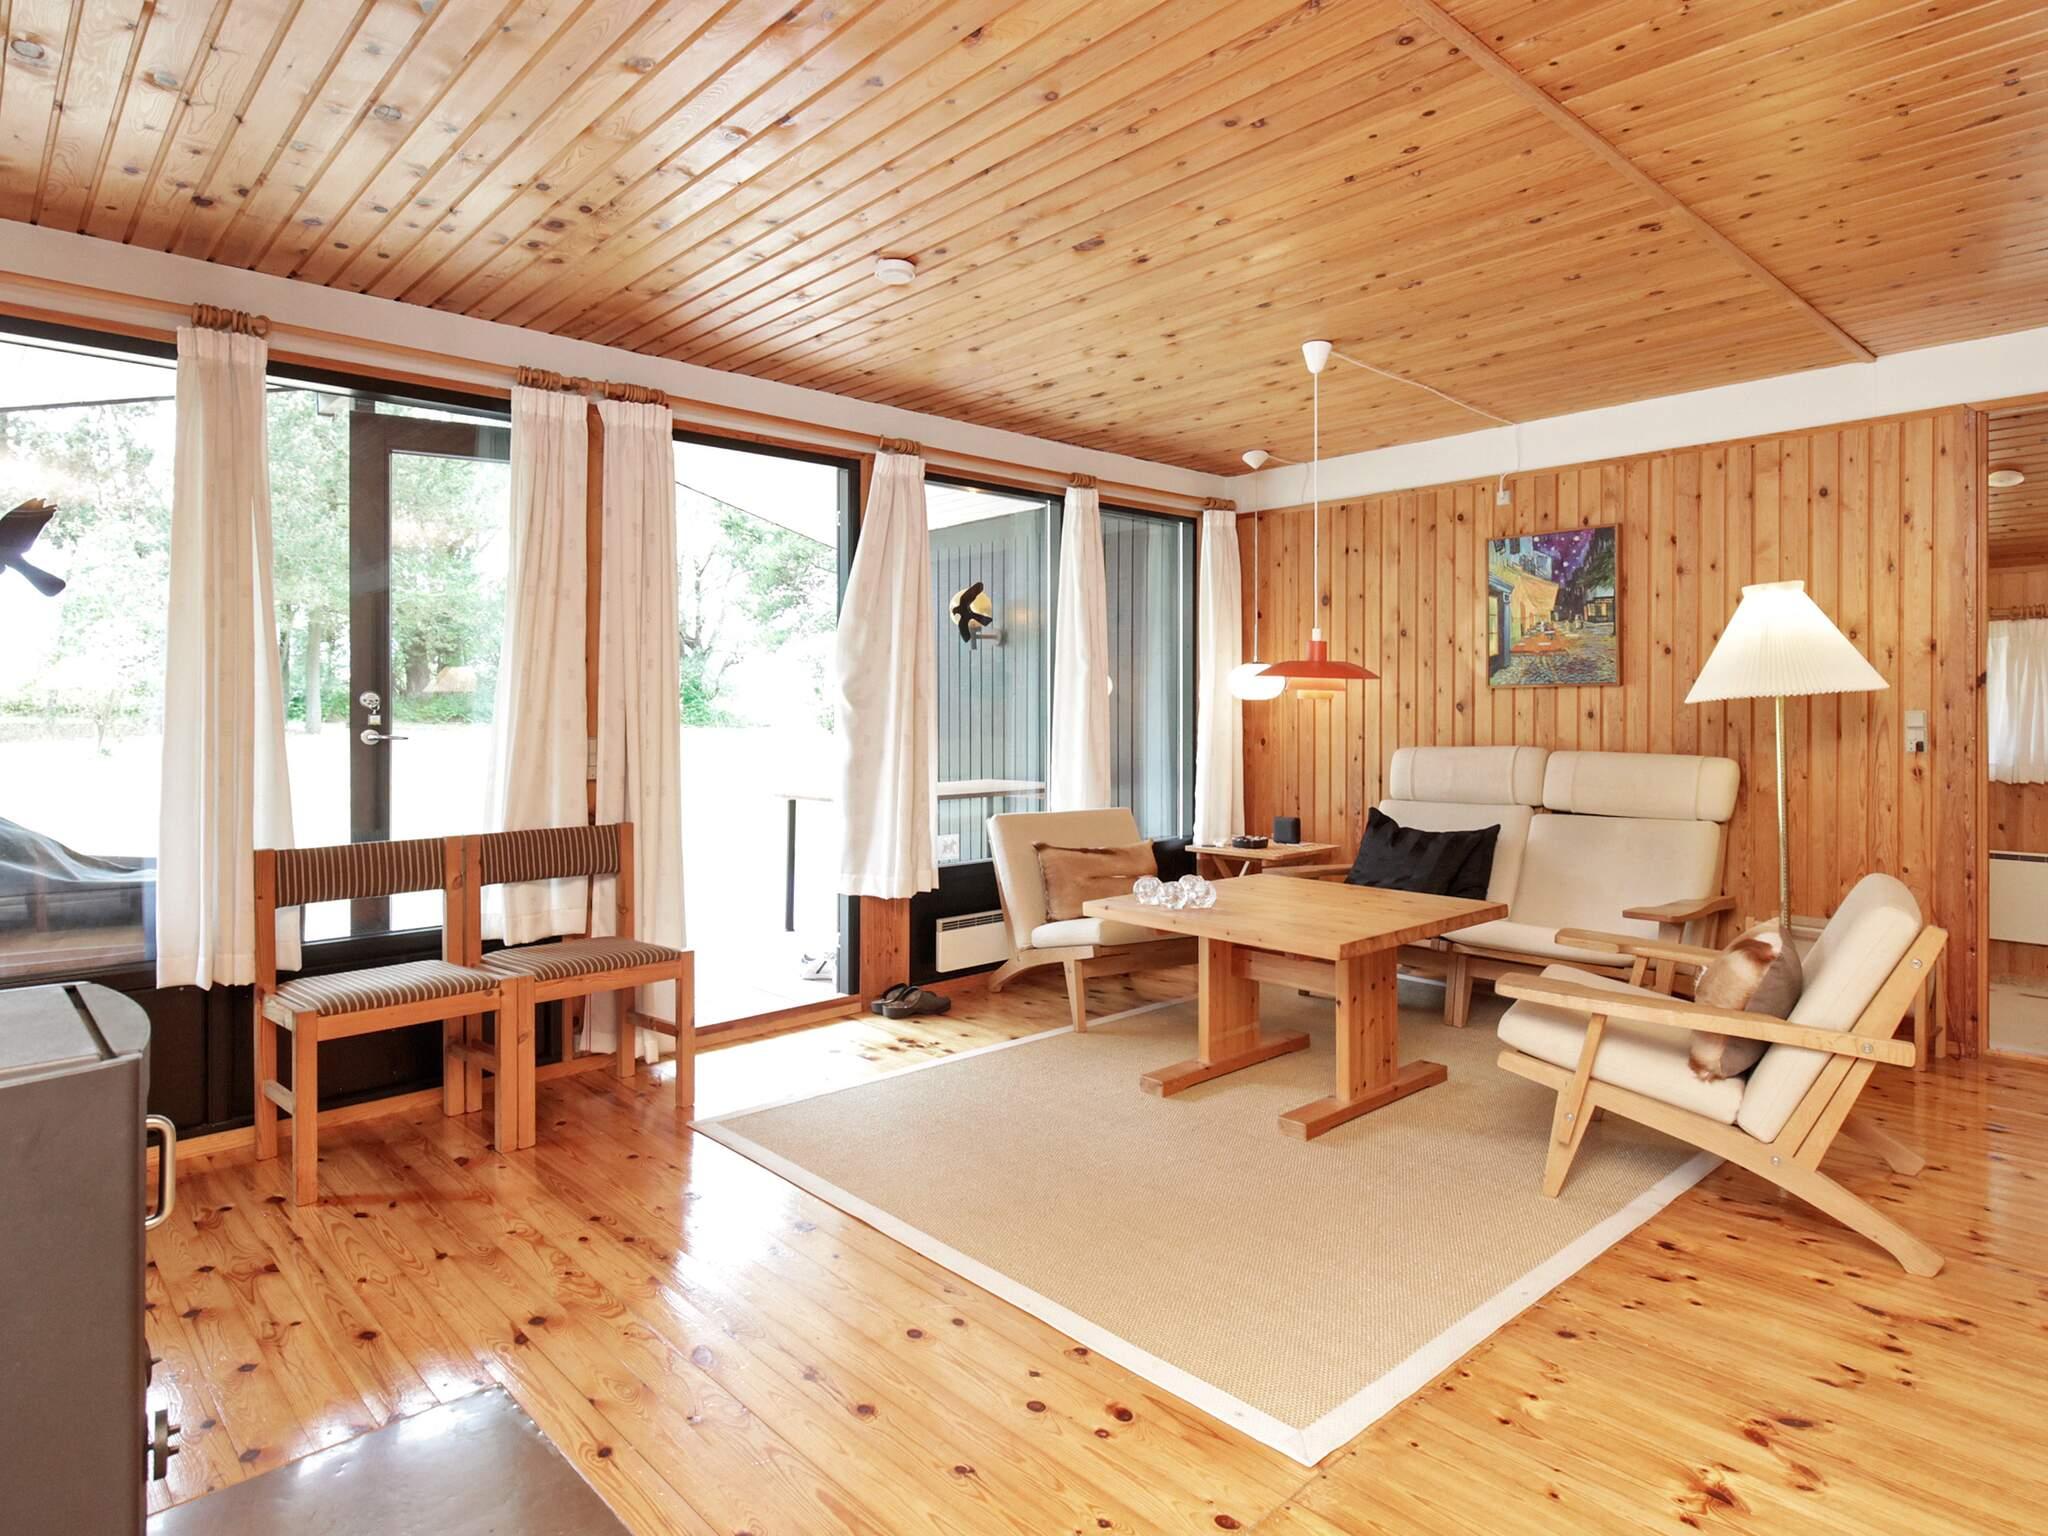 Ferienhaus Røsnæs/Vollerup (2639811), Kalundborg, , Westseeland, Dänemark, Bild 3